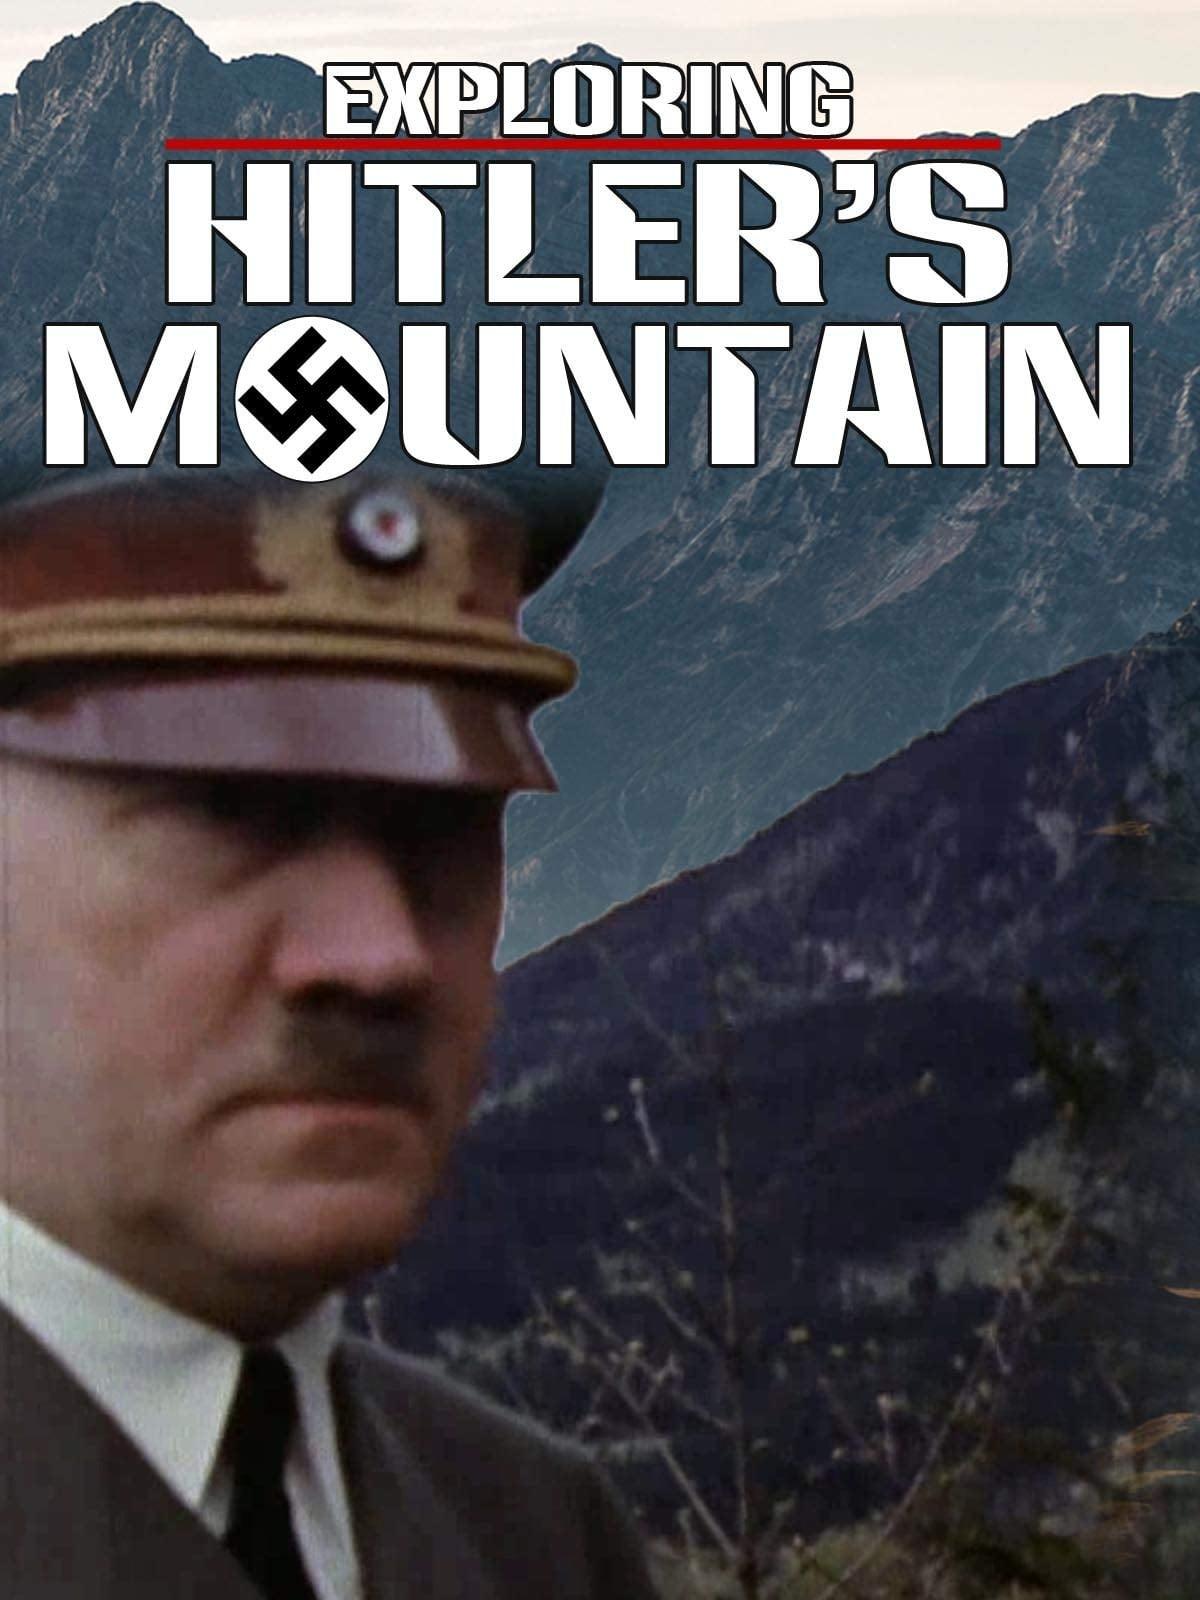 Exploring Hitler's Mountain